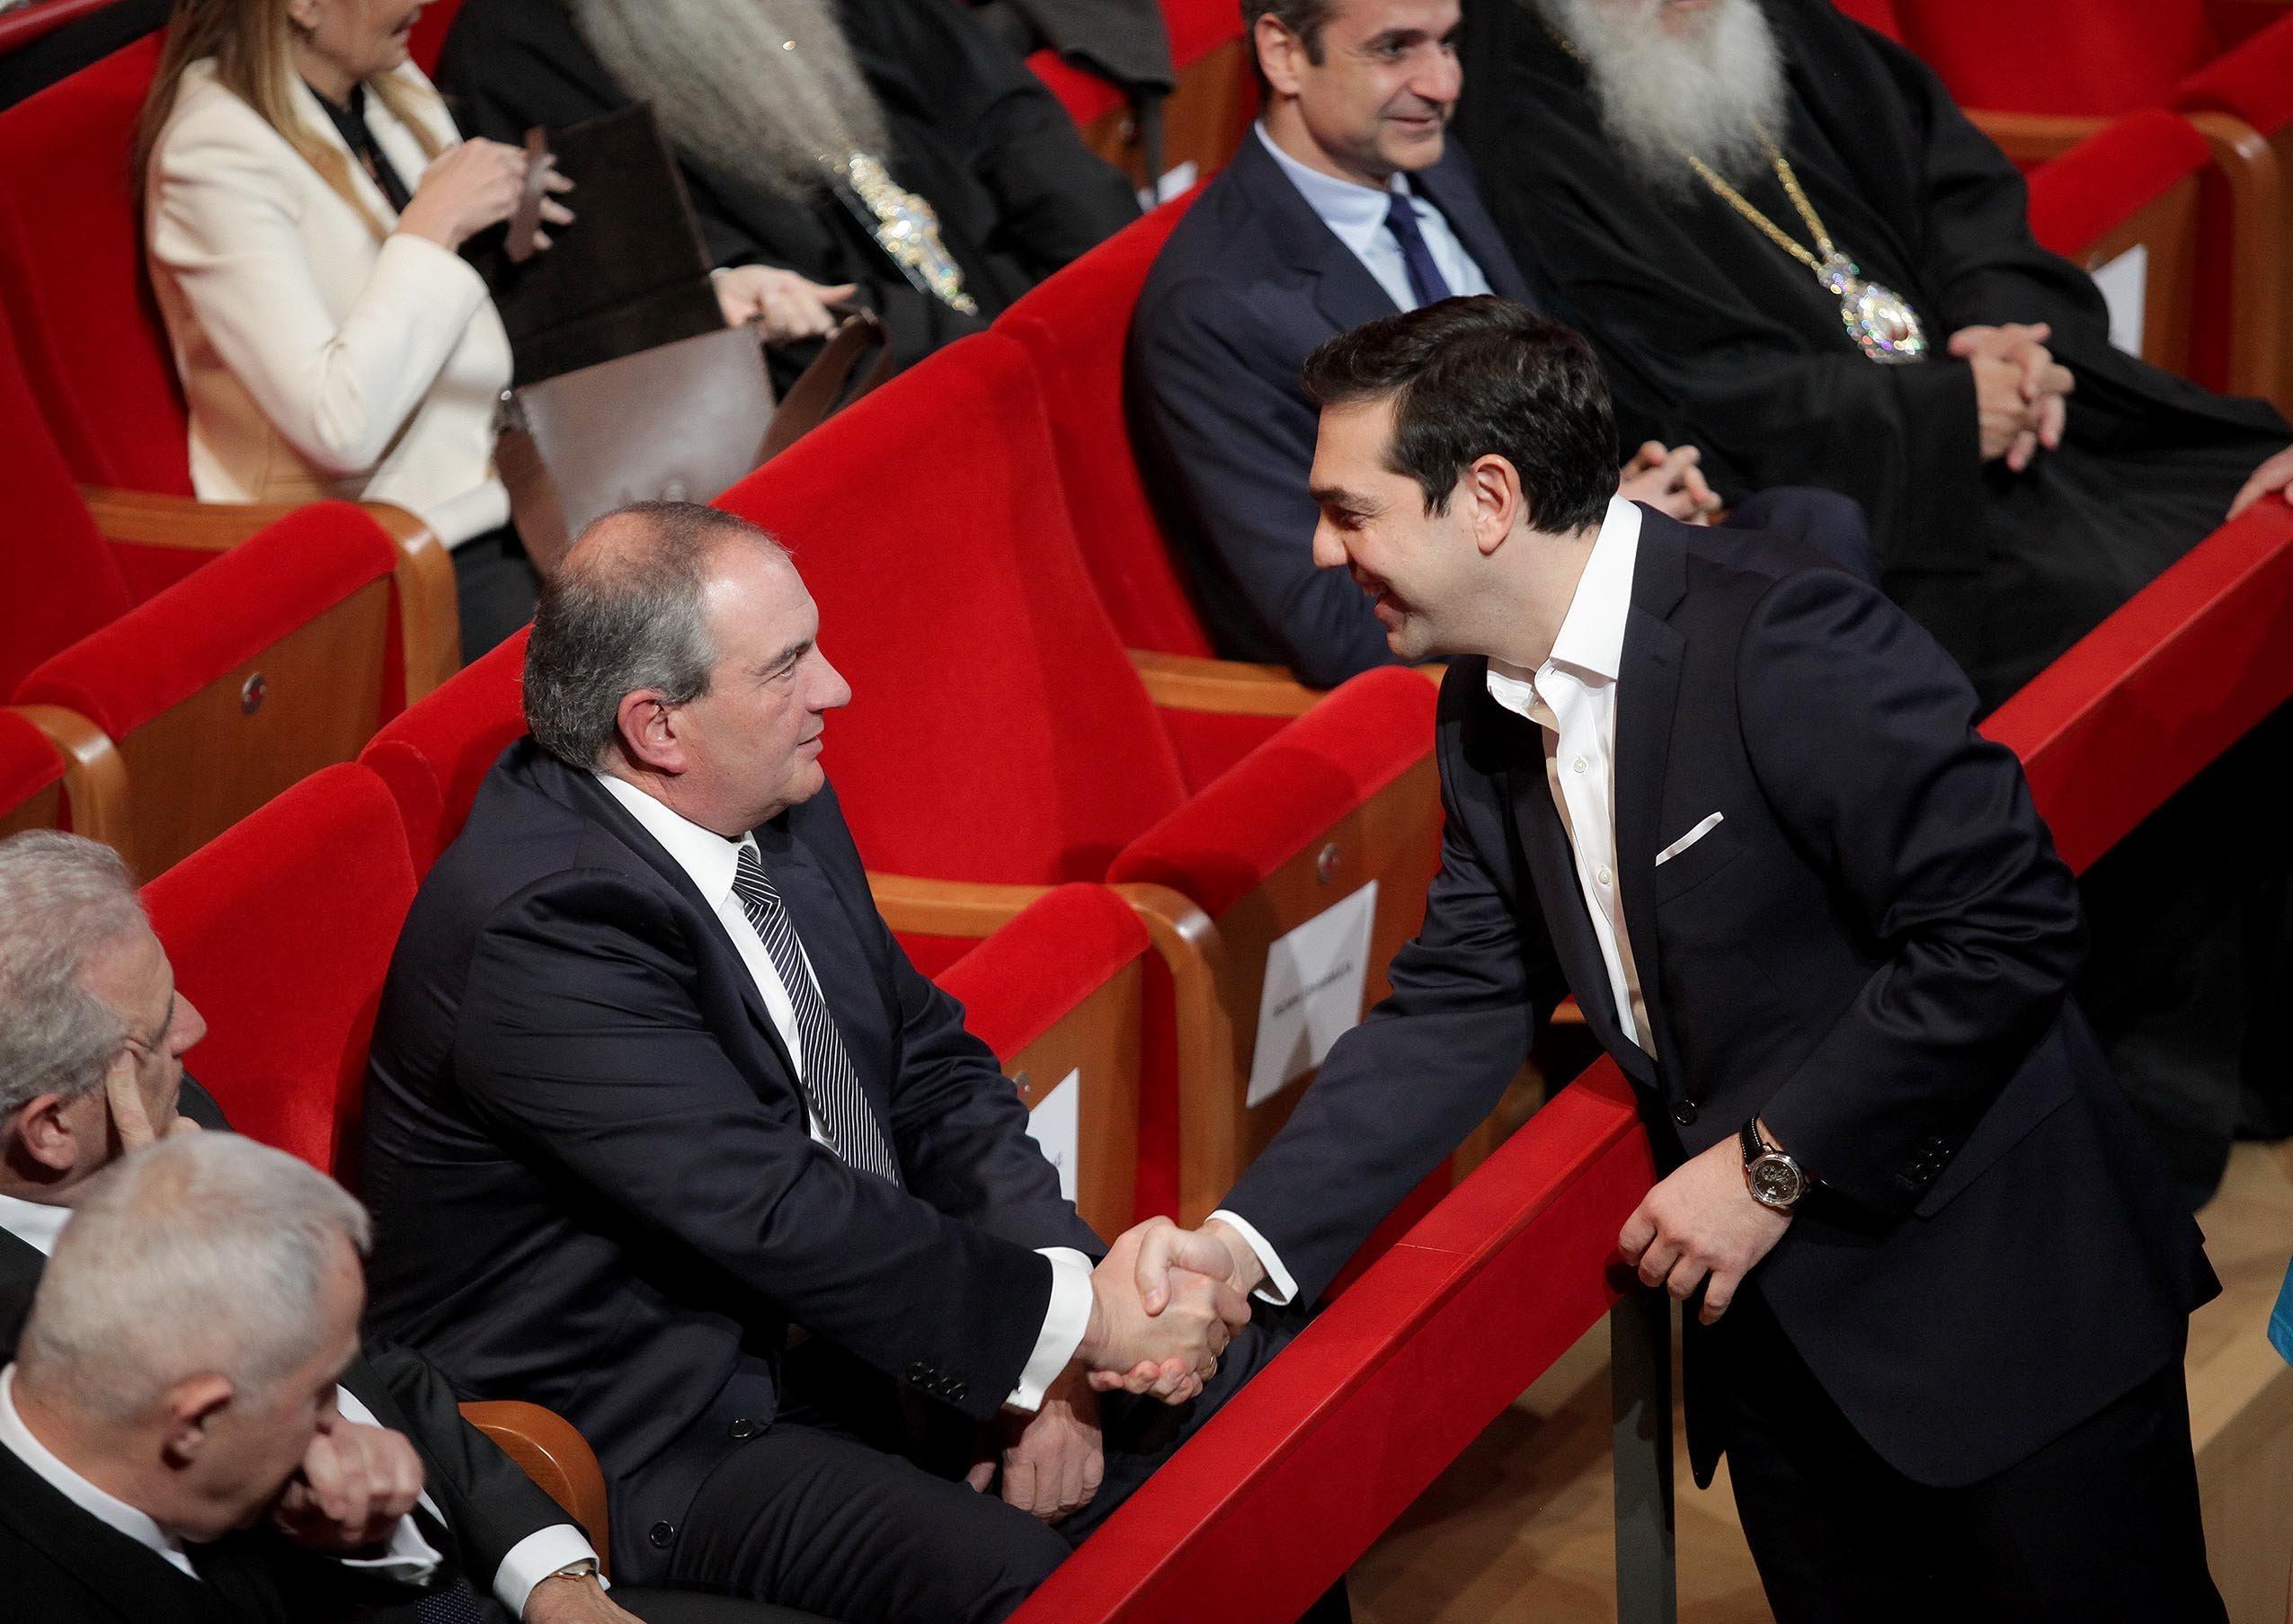 Η παρέμβαση Καραμανλή και το παρασκήνιο για τις συναντήσεις Τσίπρα-Ζάεφ στο Νταβός με άλλους